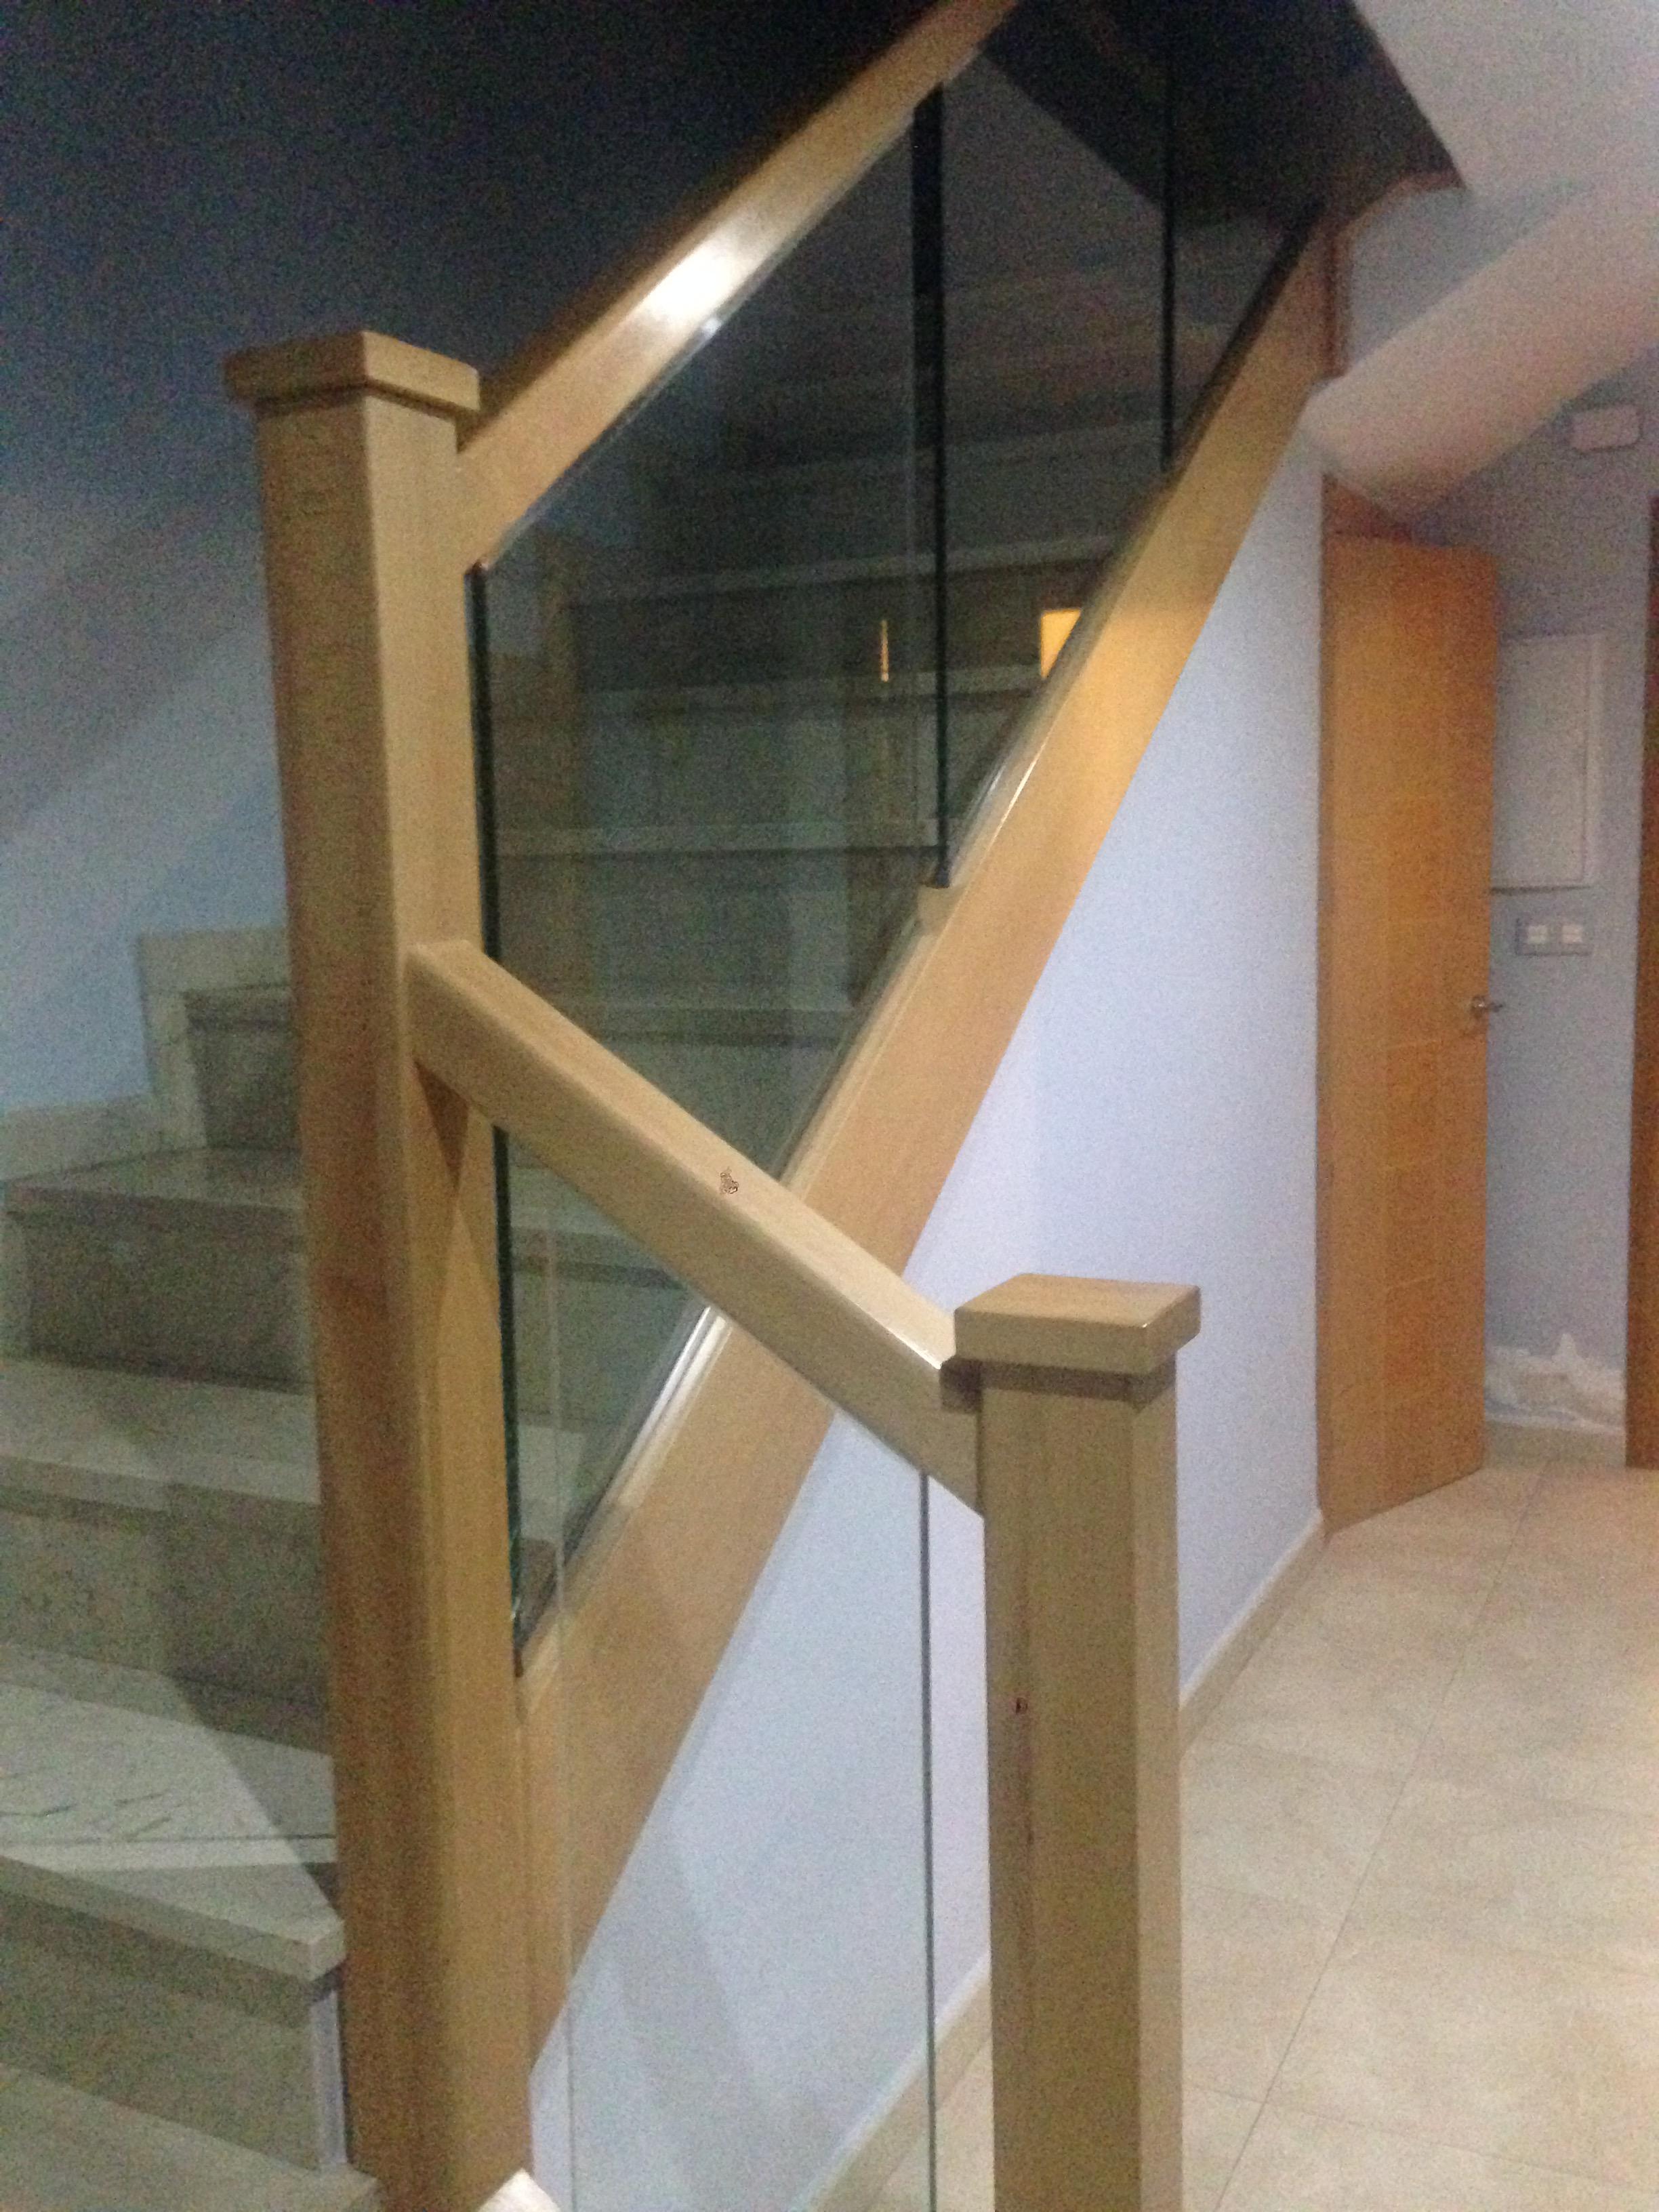 Trabajos De Escaleras De Madera ~ Barandillas De Cristal Para Escaleras Interiores